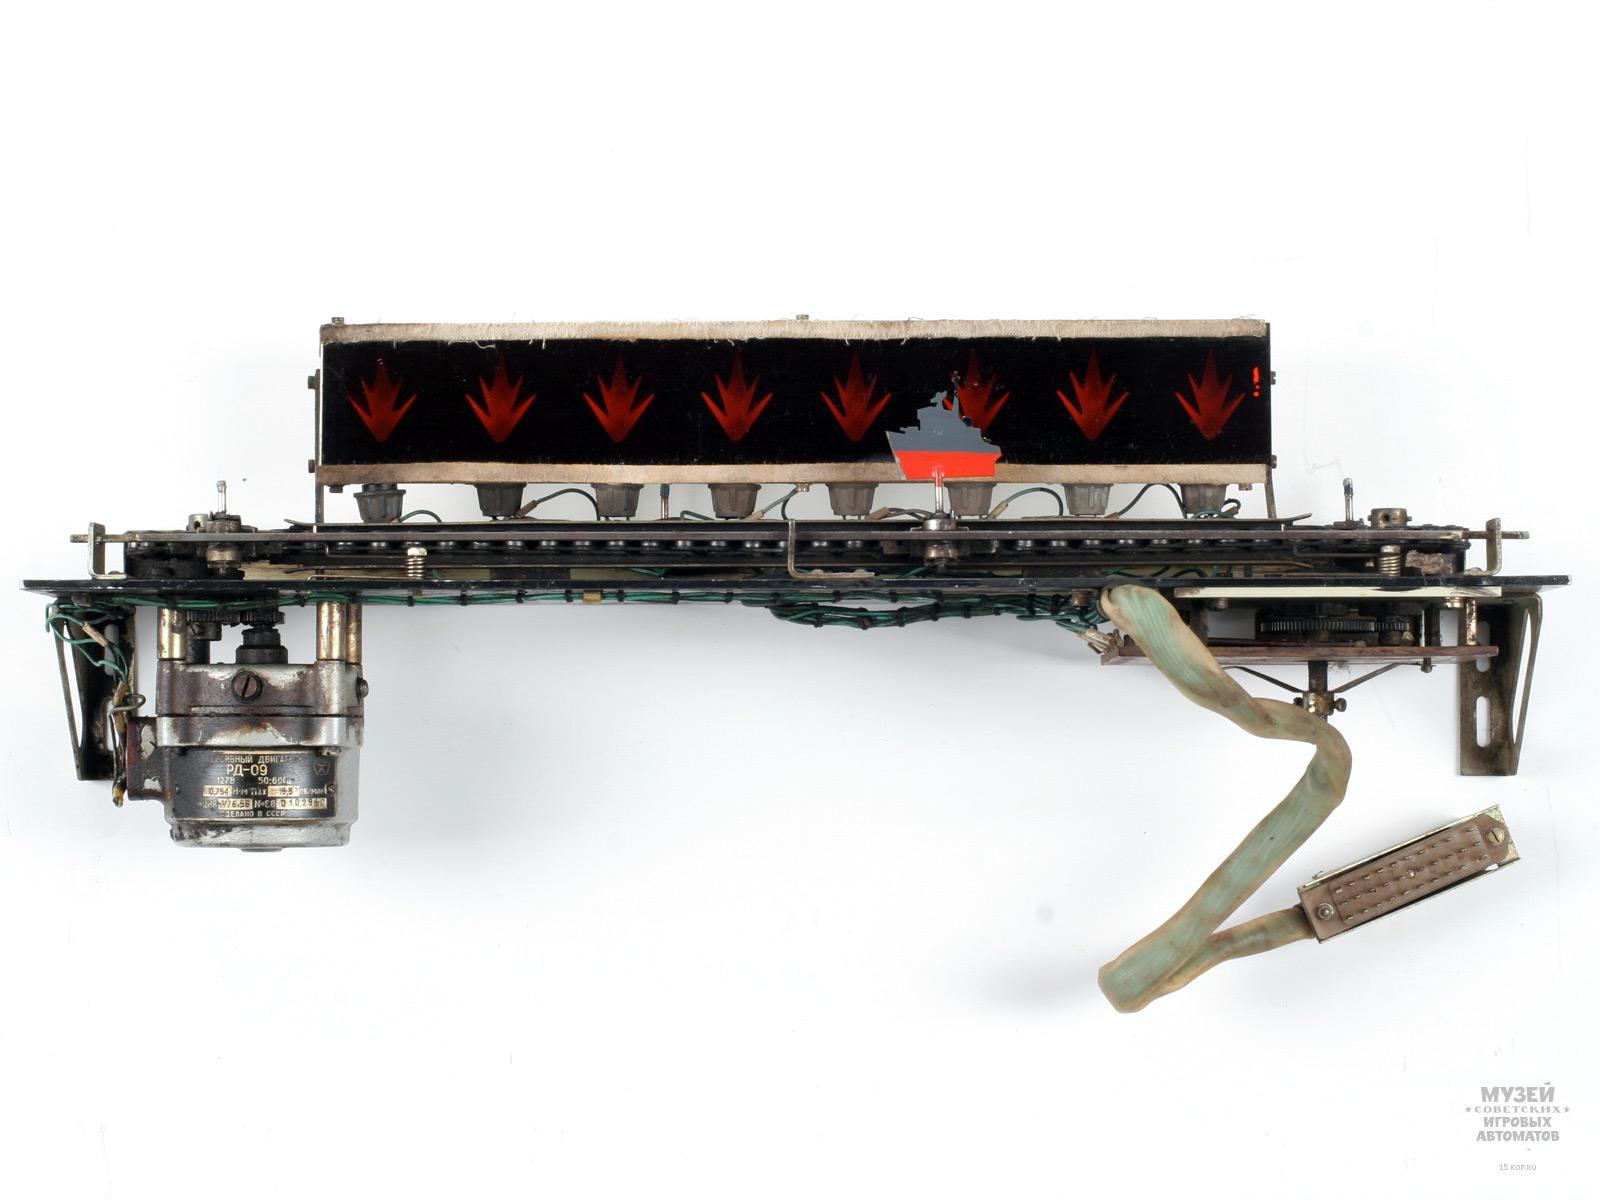 Игровые автоматы: откуда они взялись в СССР и как устроены - 7